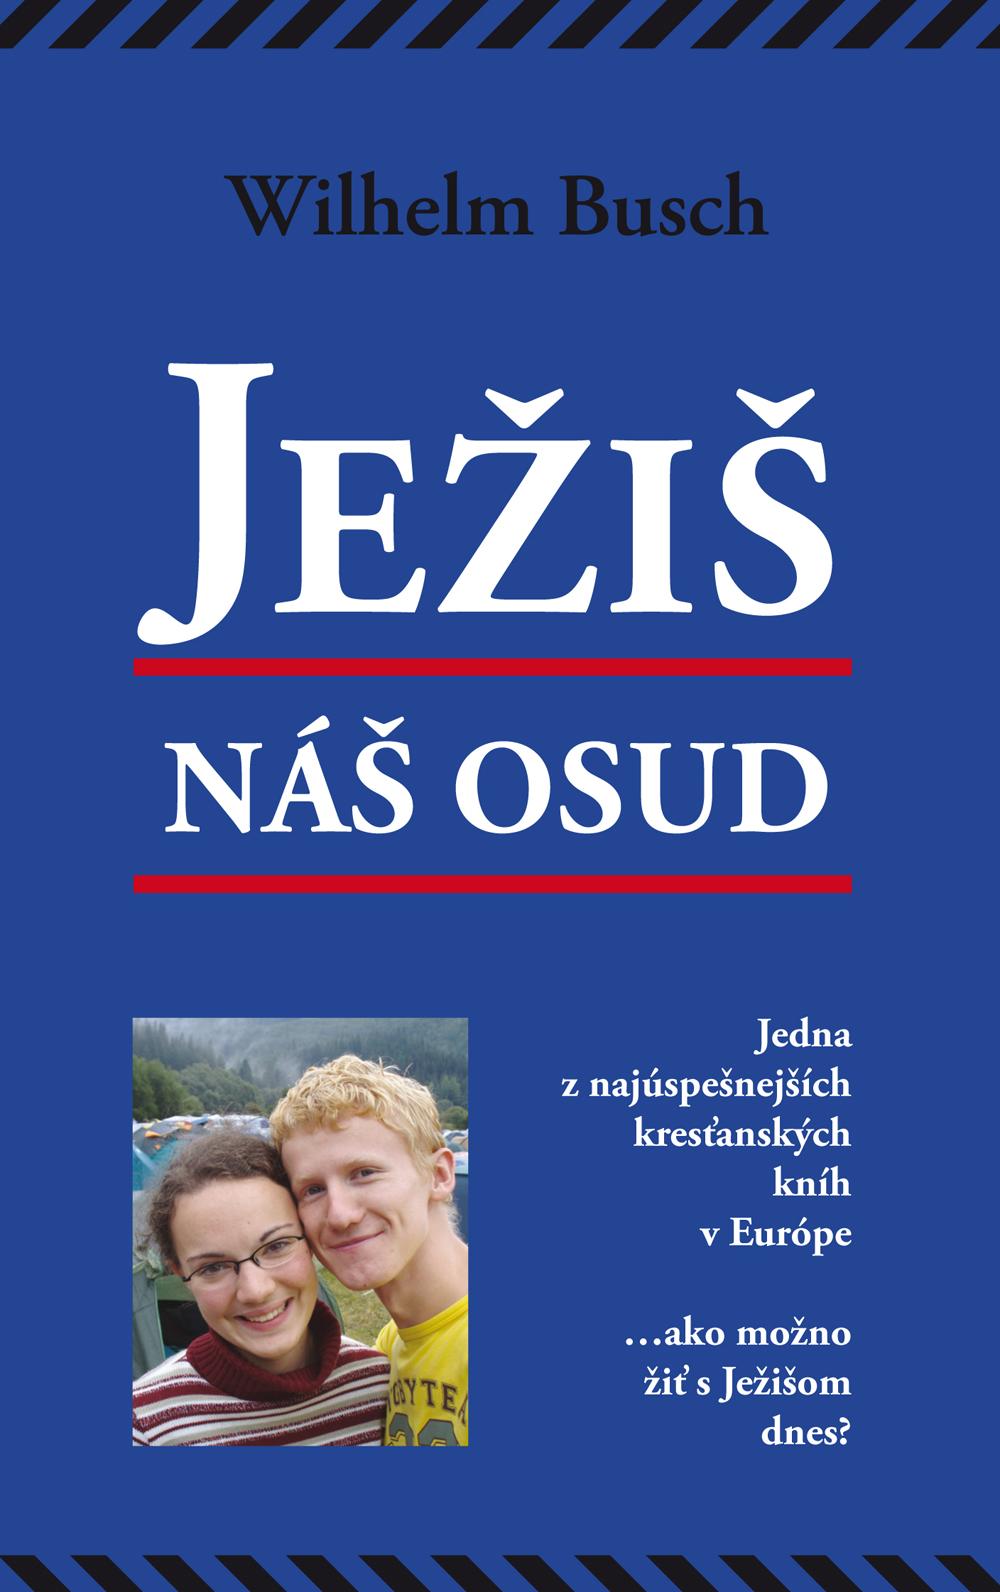 CLV_jesus-unser-schicksal-slowakisch_wilhelm-busch_255717_1